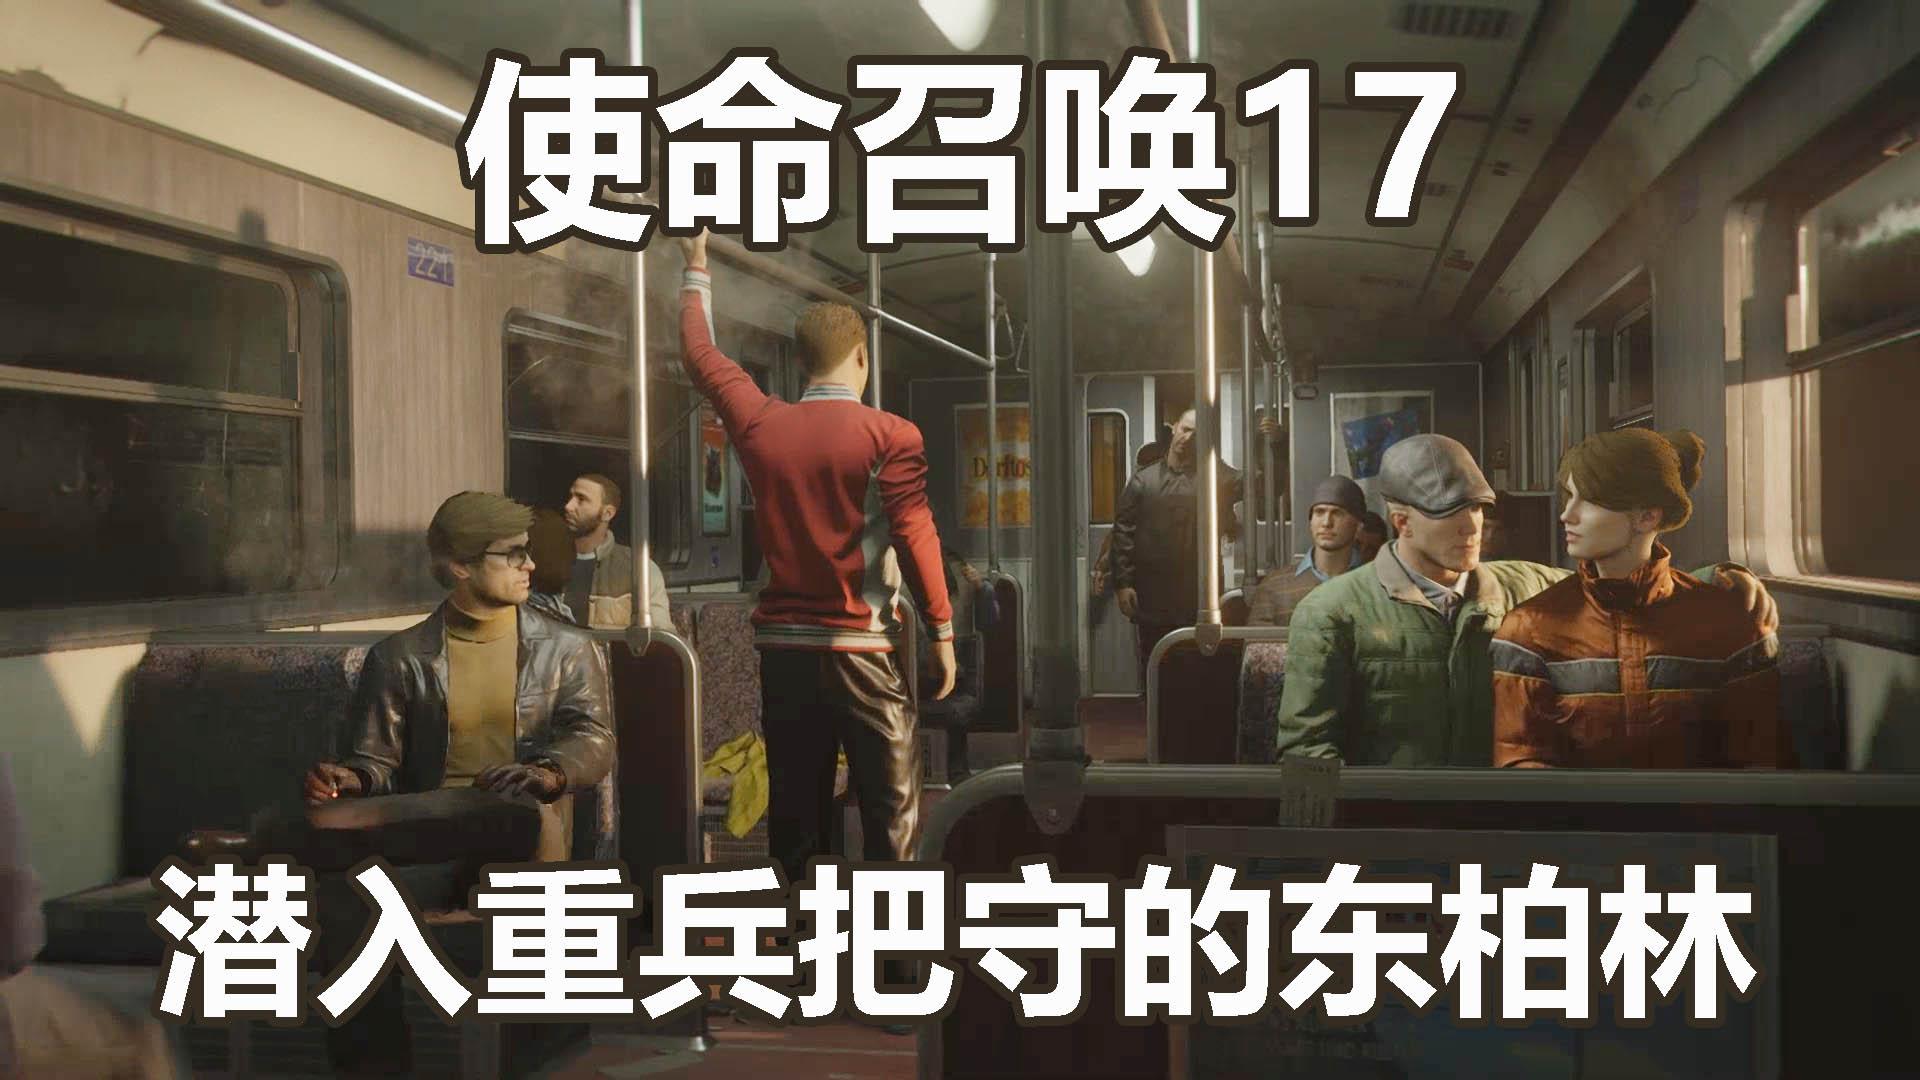 使命召唤17:潜入重兵把守的东柏林执行任务,真是又惊险又刺激